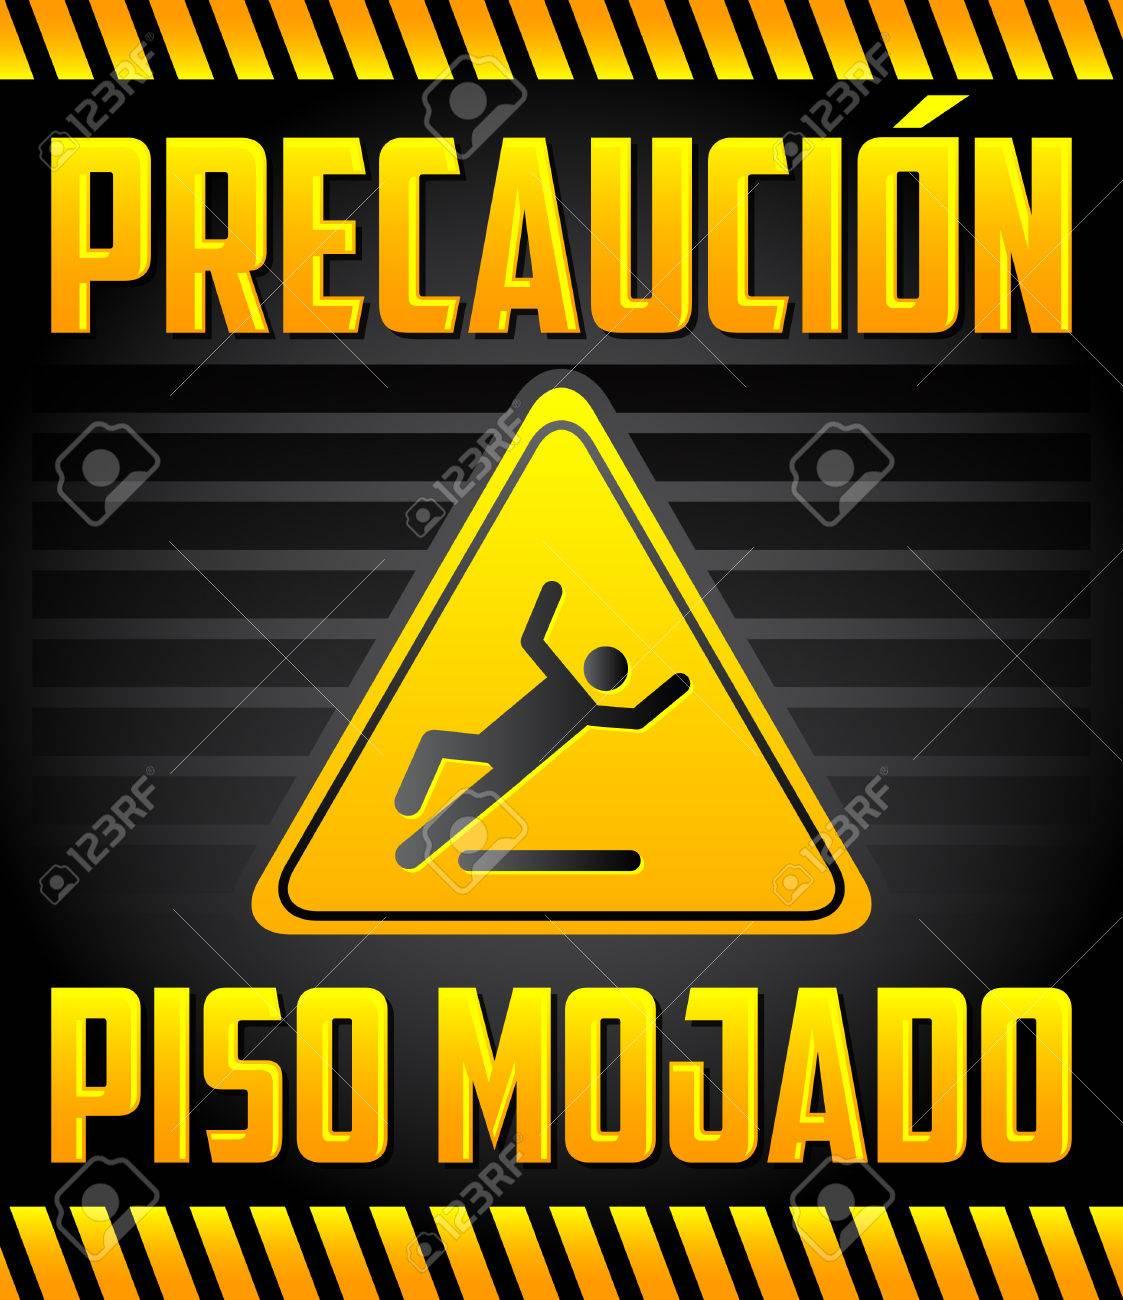 Piso Mojado Precaución - Attenzione Pavimento Bagnato Spagnolo Testo ...